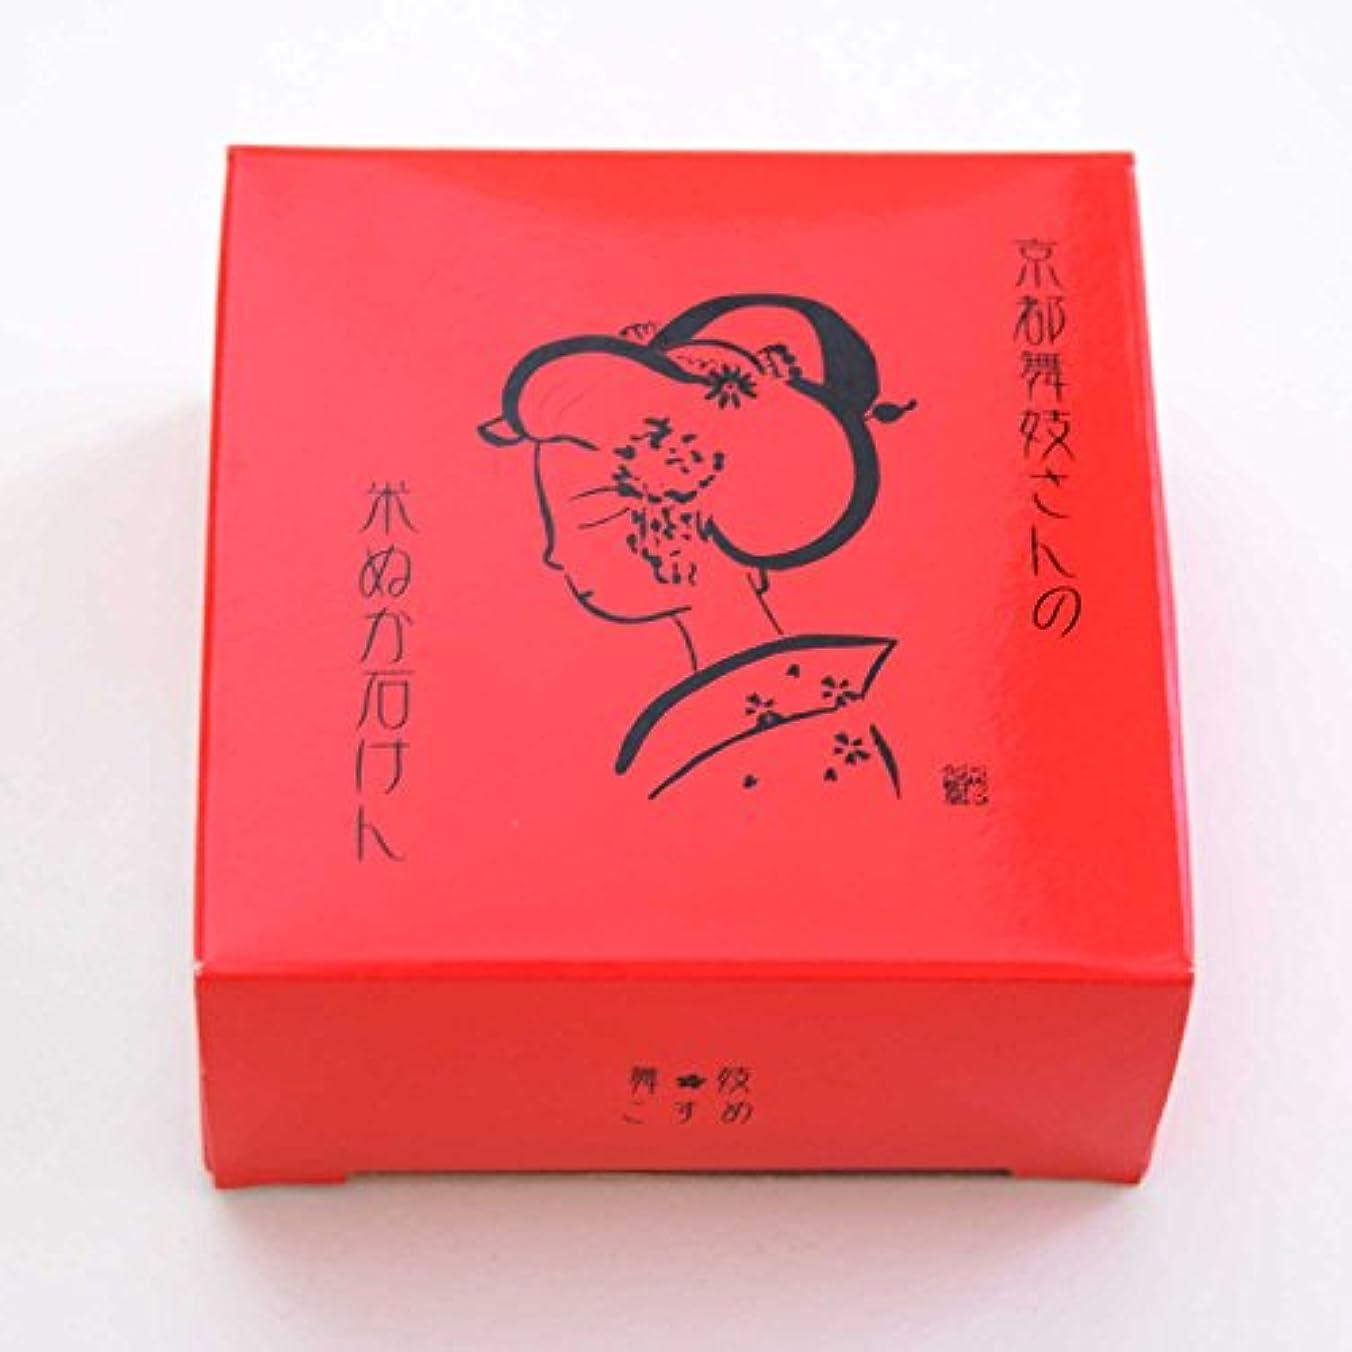 恋人ウルル欺く京都限定 舞妓さんの米ぬか石鹸 米ぬかエキス配合 無香料 無着色